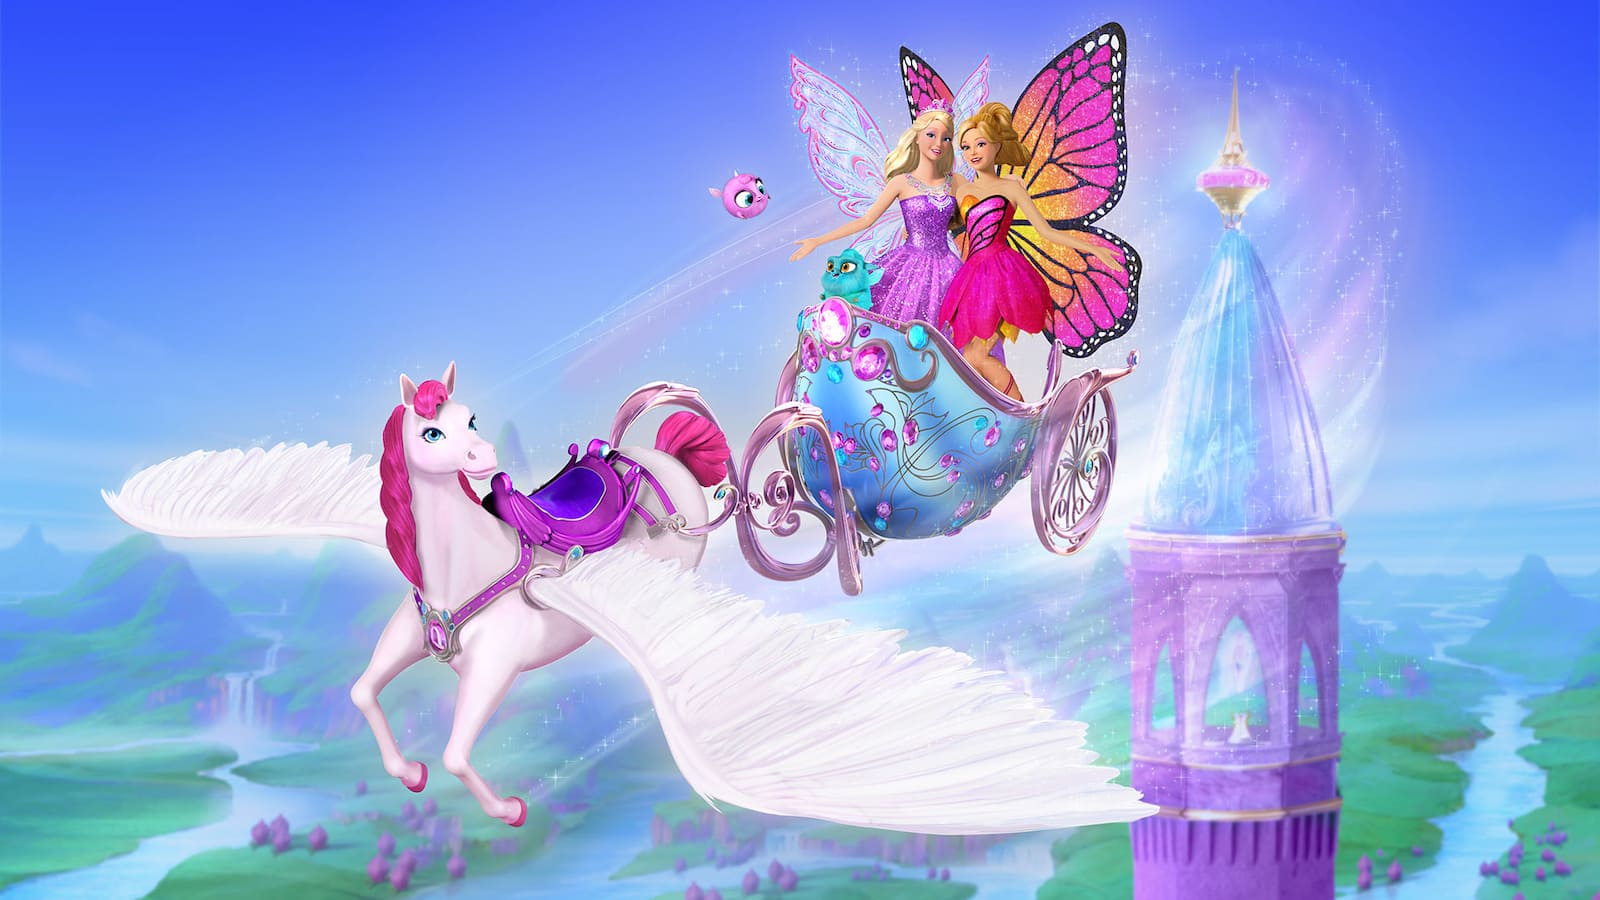 barbie-mariposa-och-alvprinsessan-2013